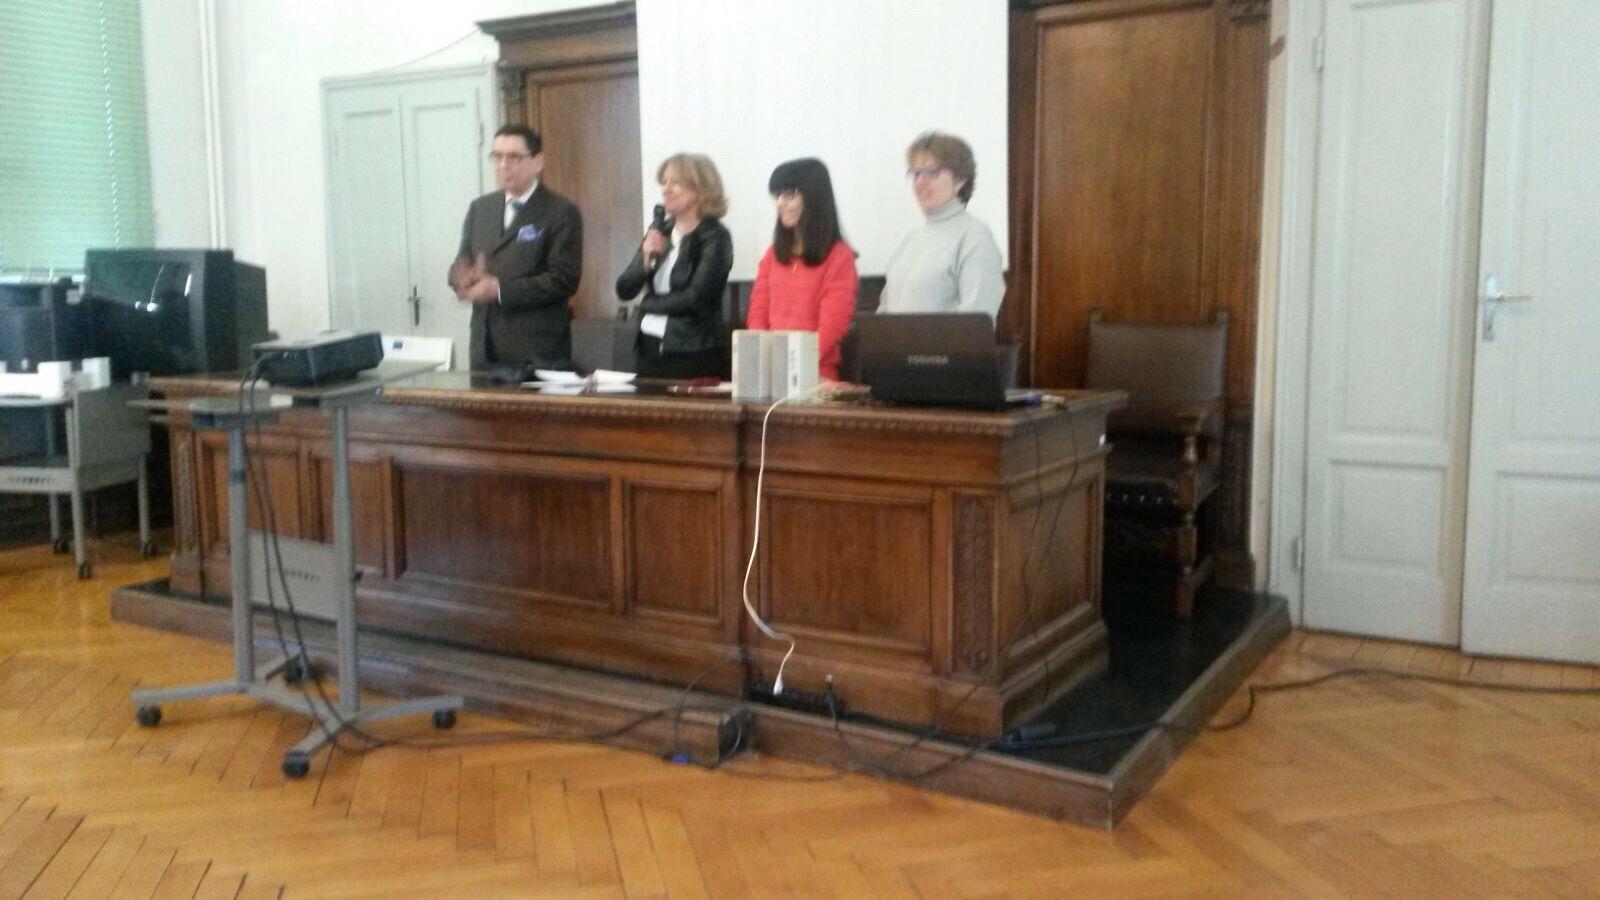 La Preside dell `Istituto Moreschi, professoressa Morelli da il benvenuto a tutti,  il professor Brioschi, la premiata Carola Atzeni e la vice presidente  durante la presentazione del premio in aula Magna.